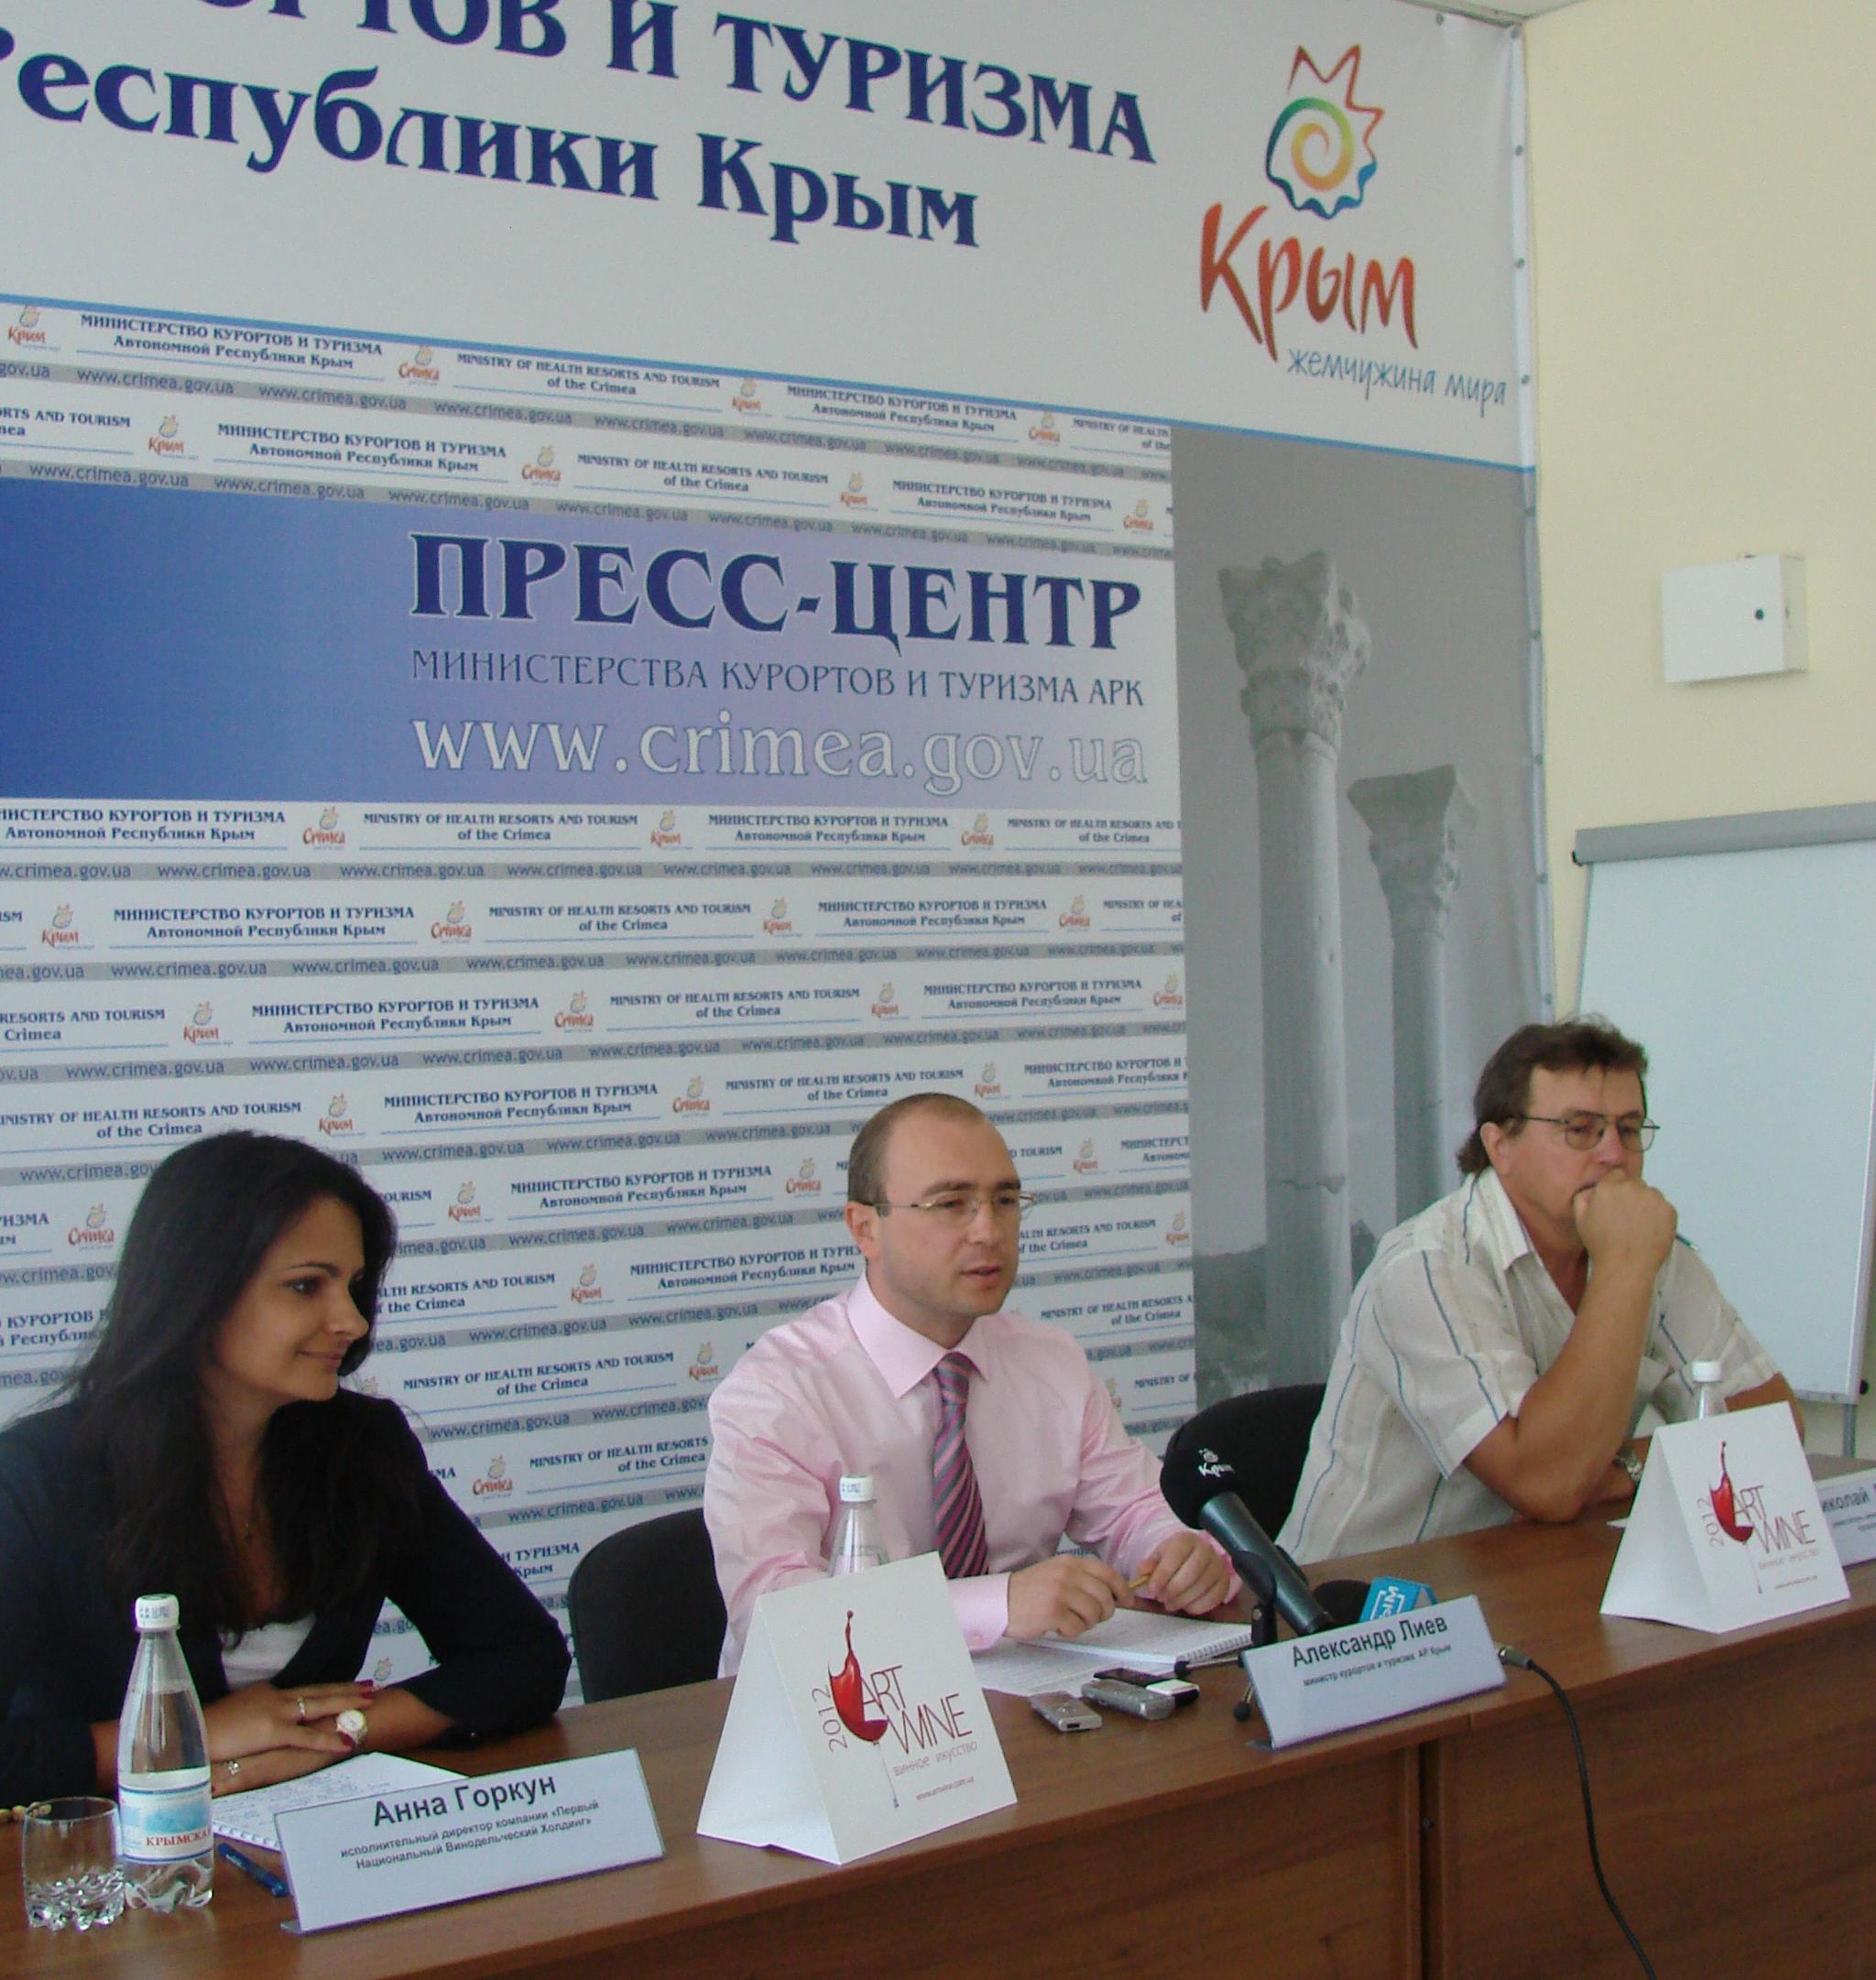 Фото: Состоялась пресс-конференция по презентации нового фестиваля и премии винного искусства